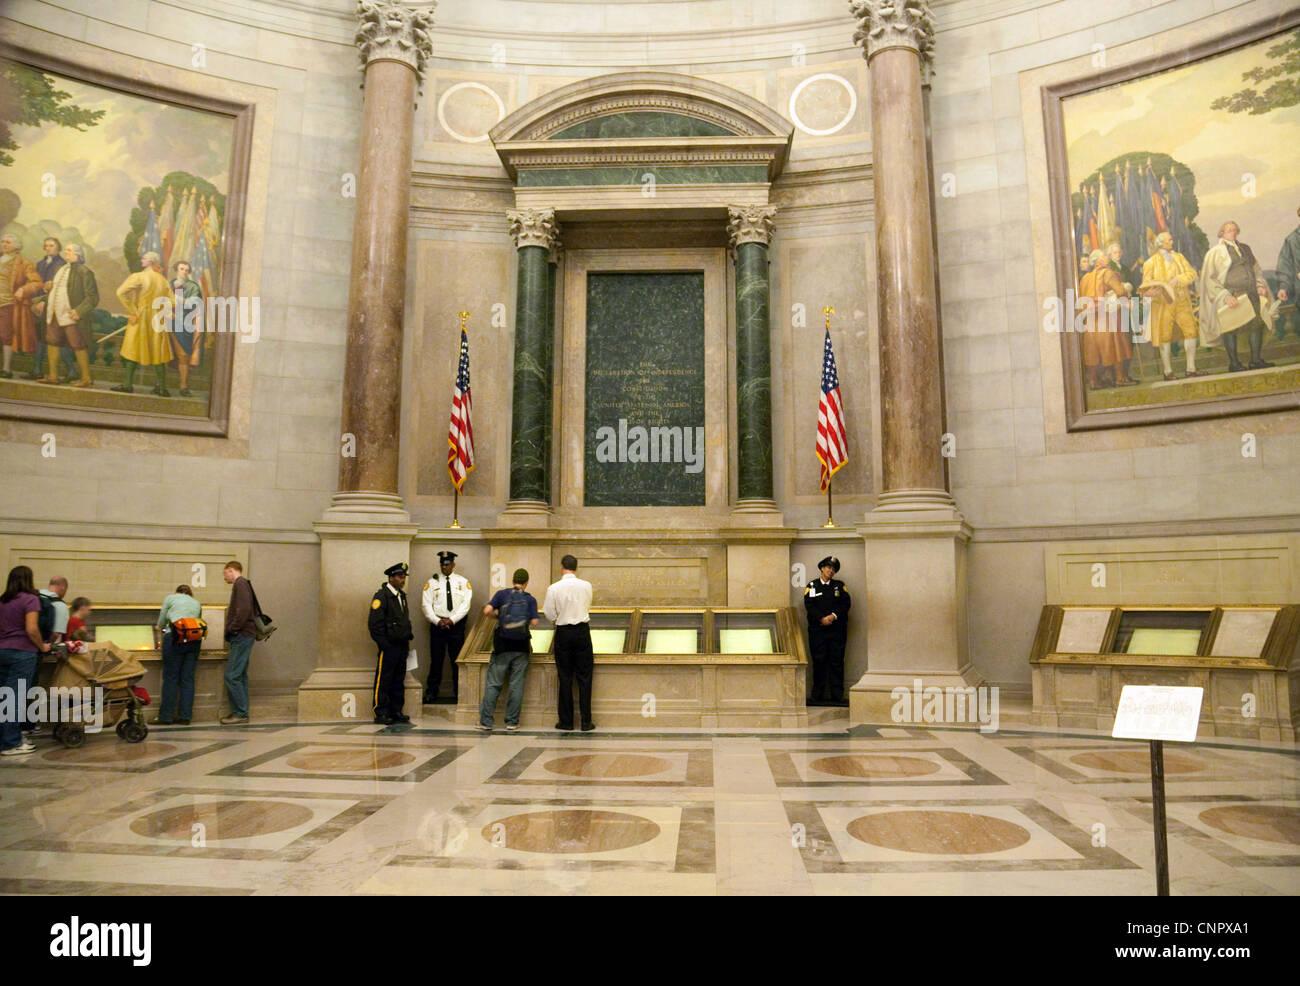 Les touristes de l'affichage de documents et de l'art dans la rotonde, Archives nationales, Washington DC USA Banque D'Images